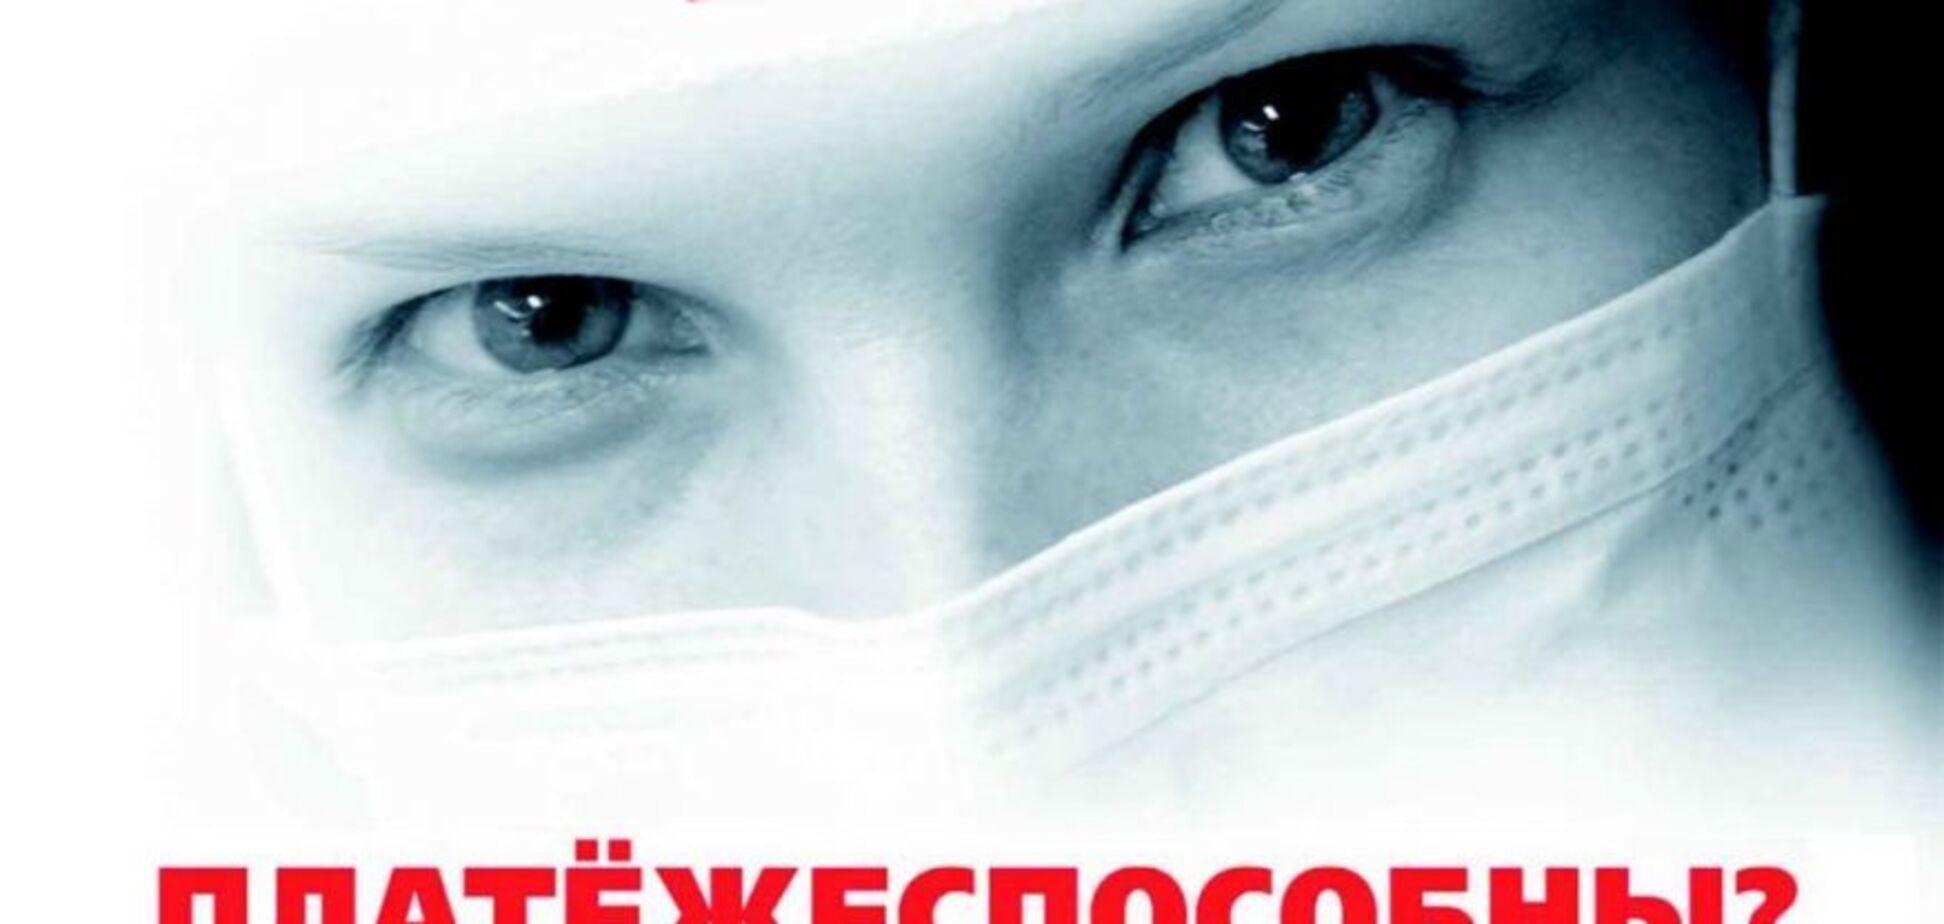 Как разводят украинцев на деньги: виды наживы в частной медицине